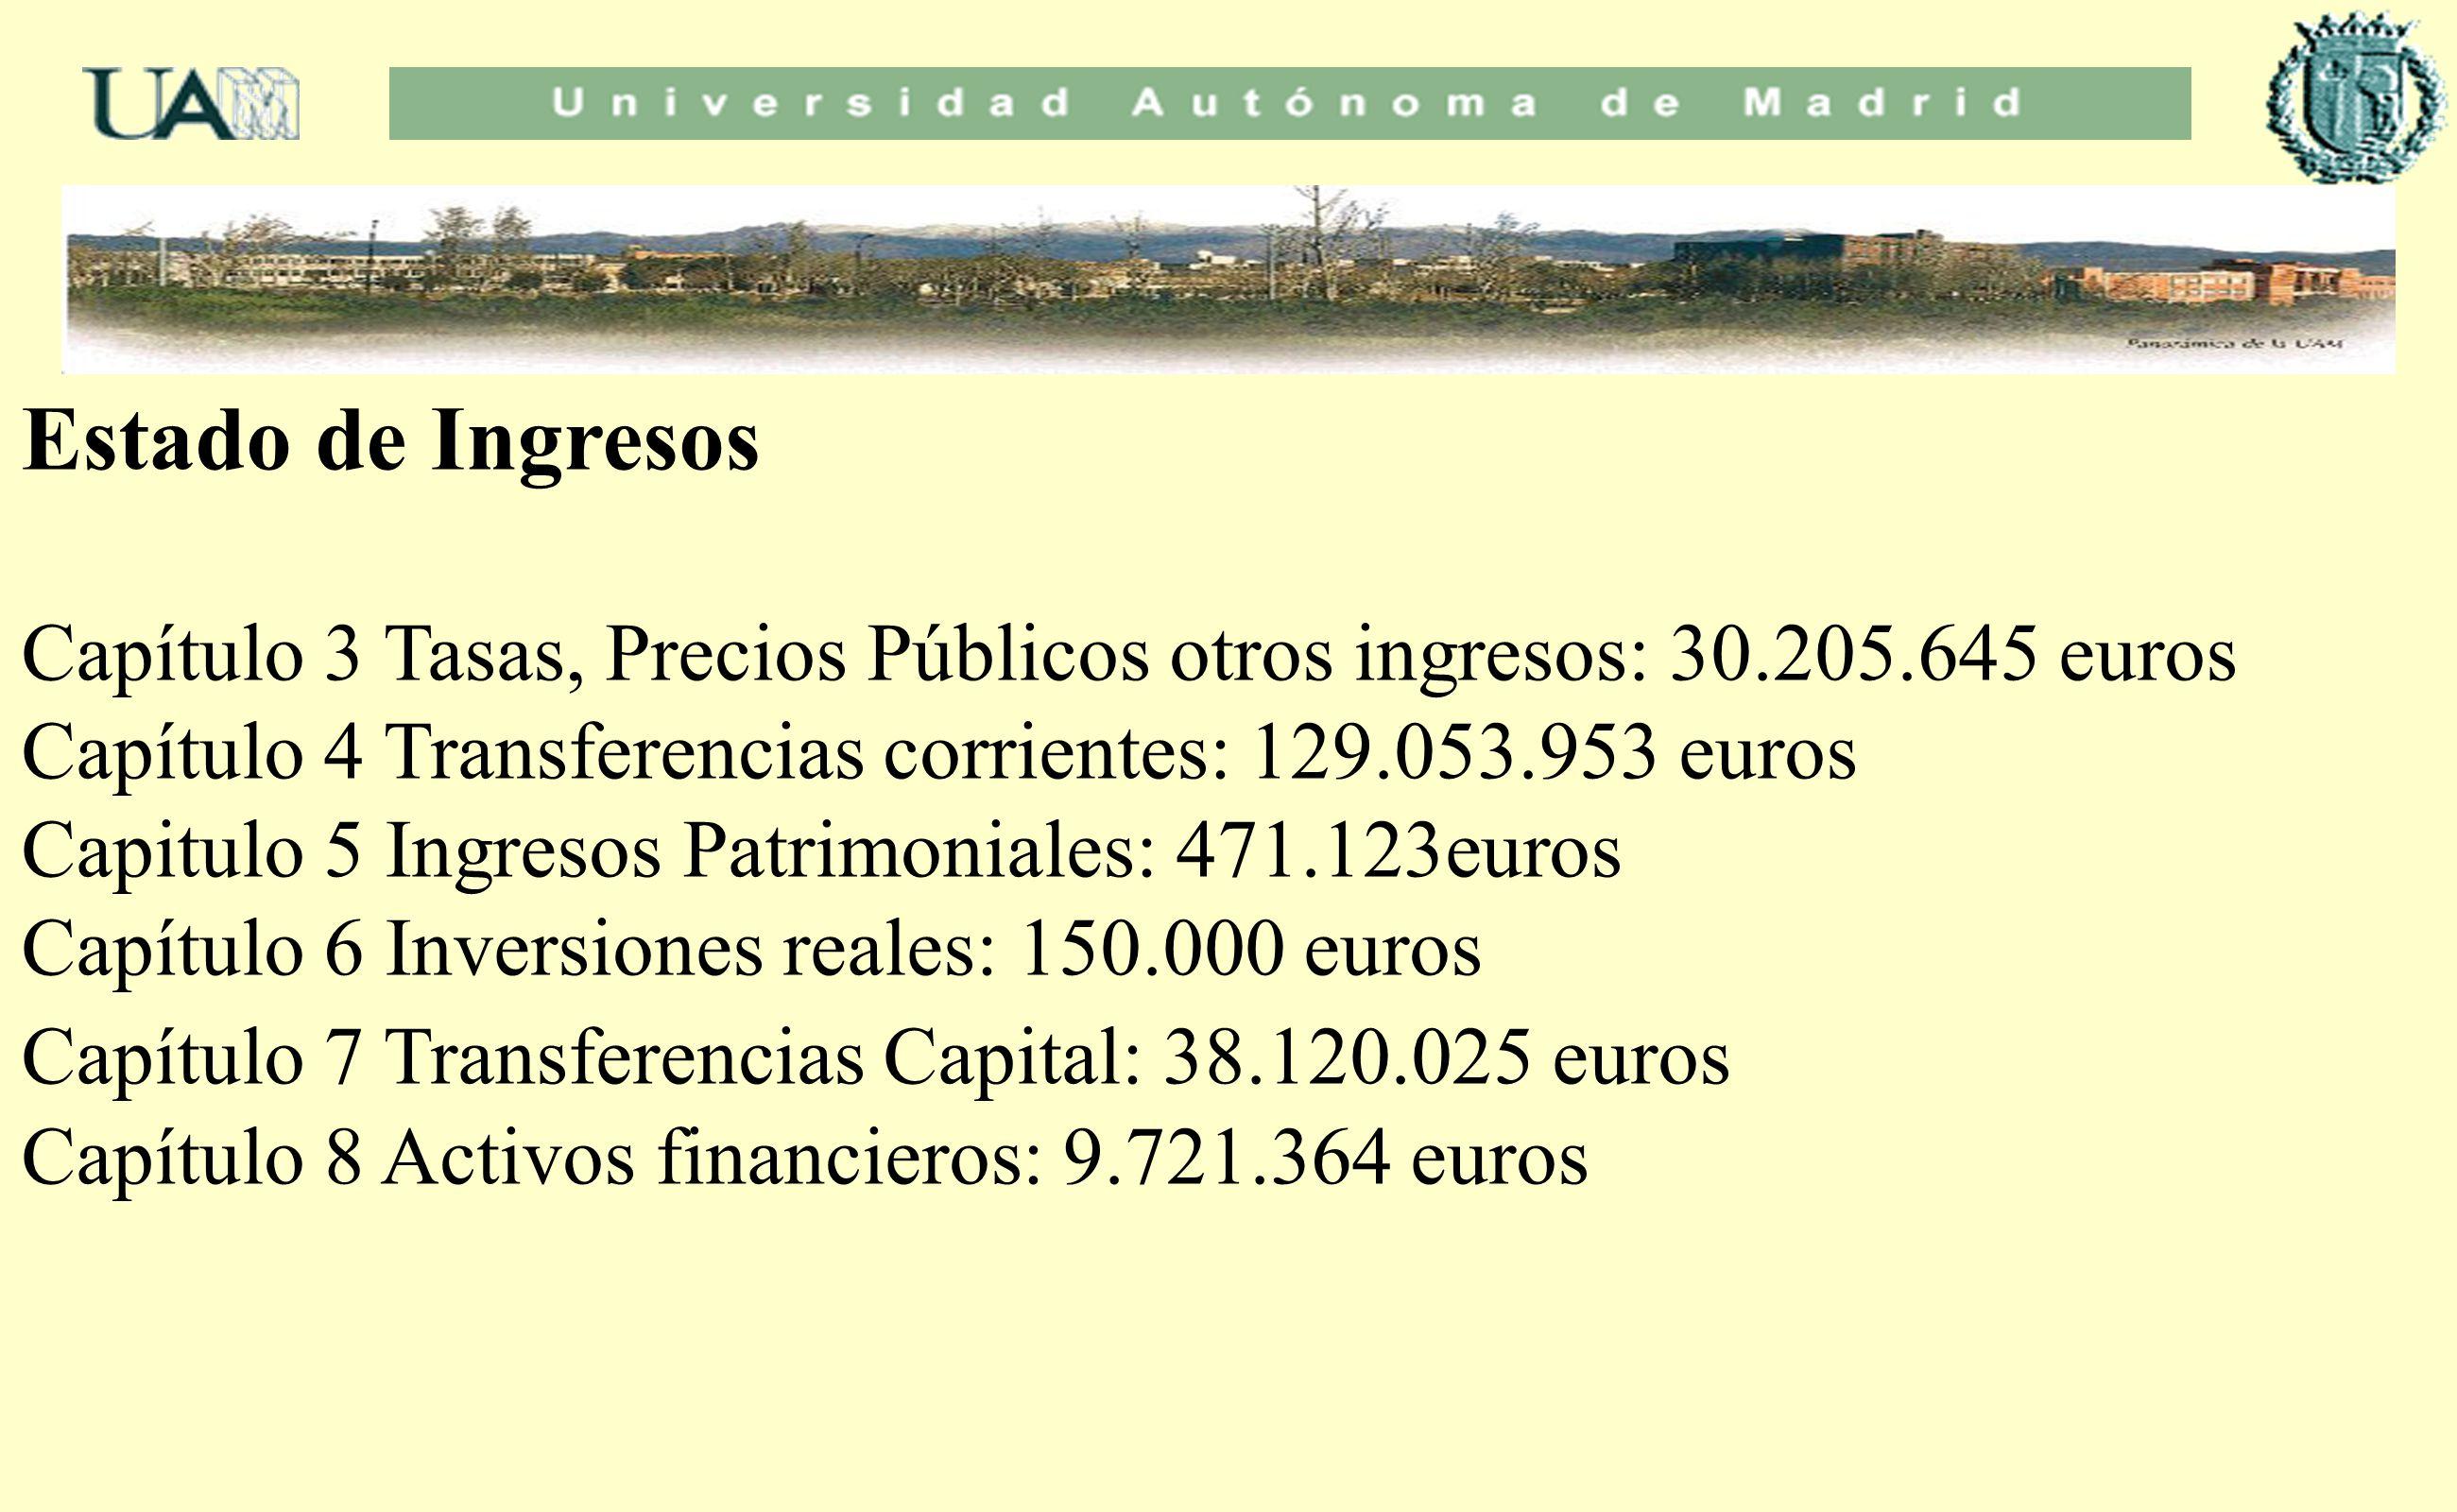 Estado de Ingresos Capítulo 3 Tasas, Precios Públicos otros ingresos: 30.205.645 euros. Capítulo 4 Transferencias corrientes: 129.053.953 euros.